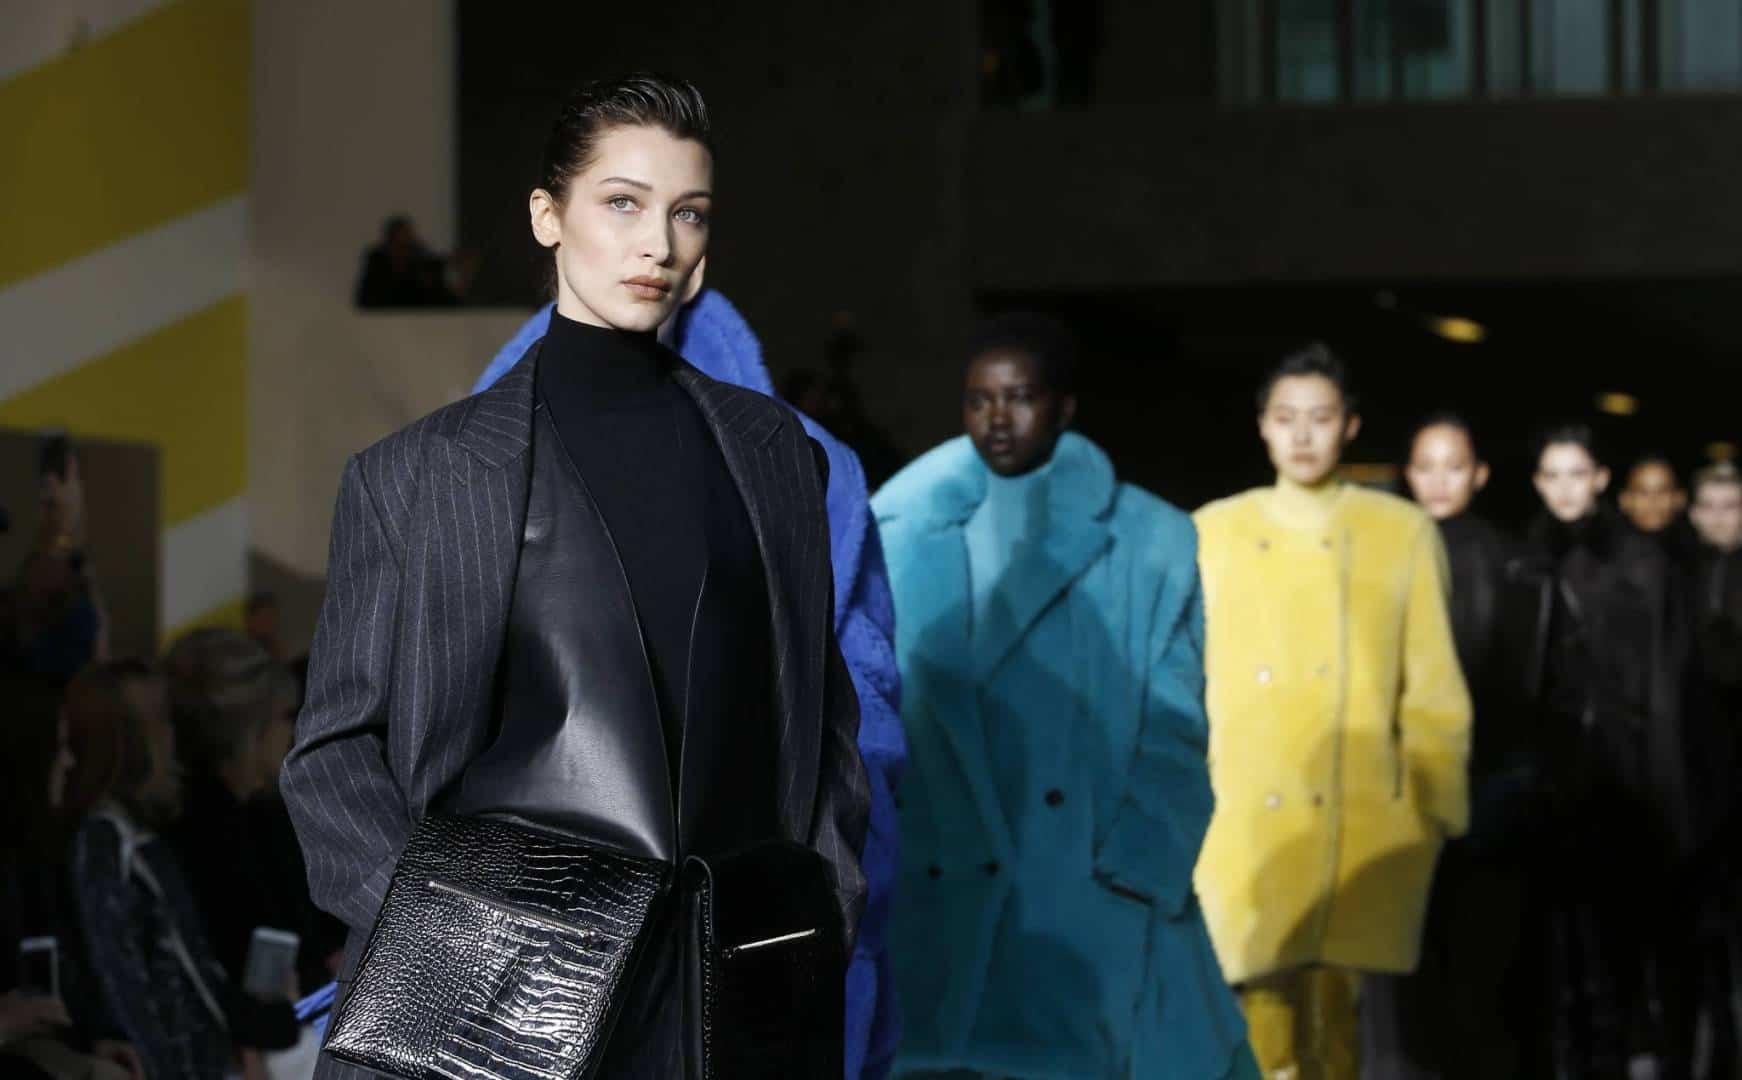 المعاطف الملونة أبرز صيحات الموضة لشتاء 2020